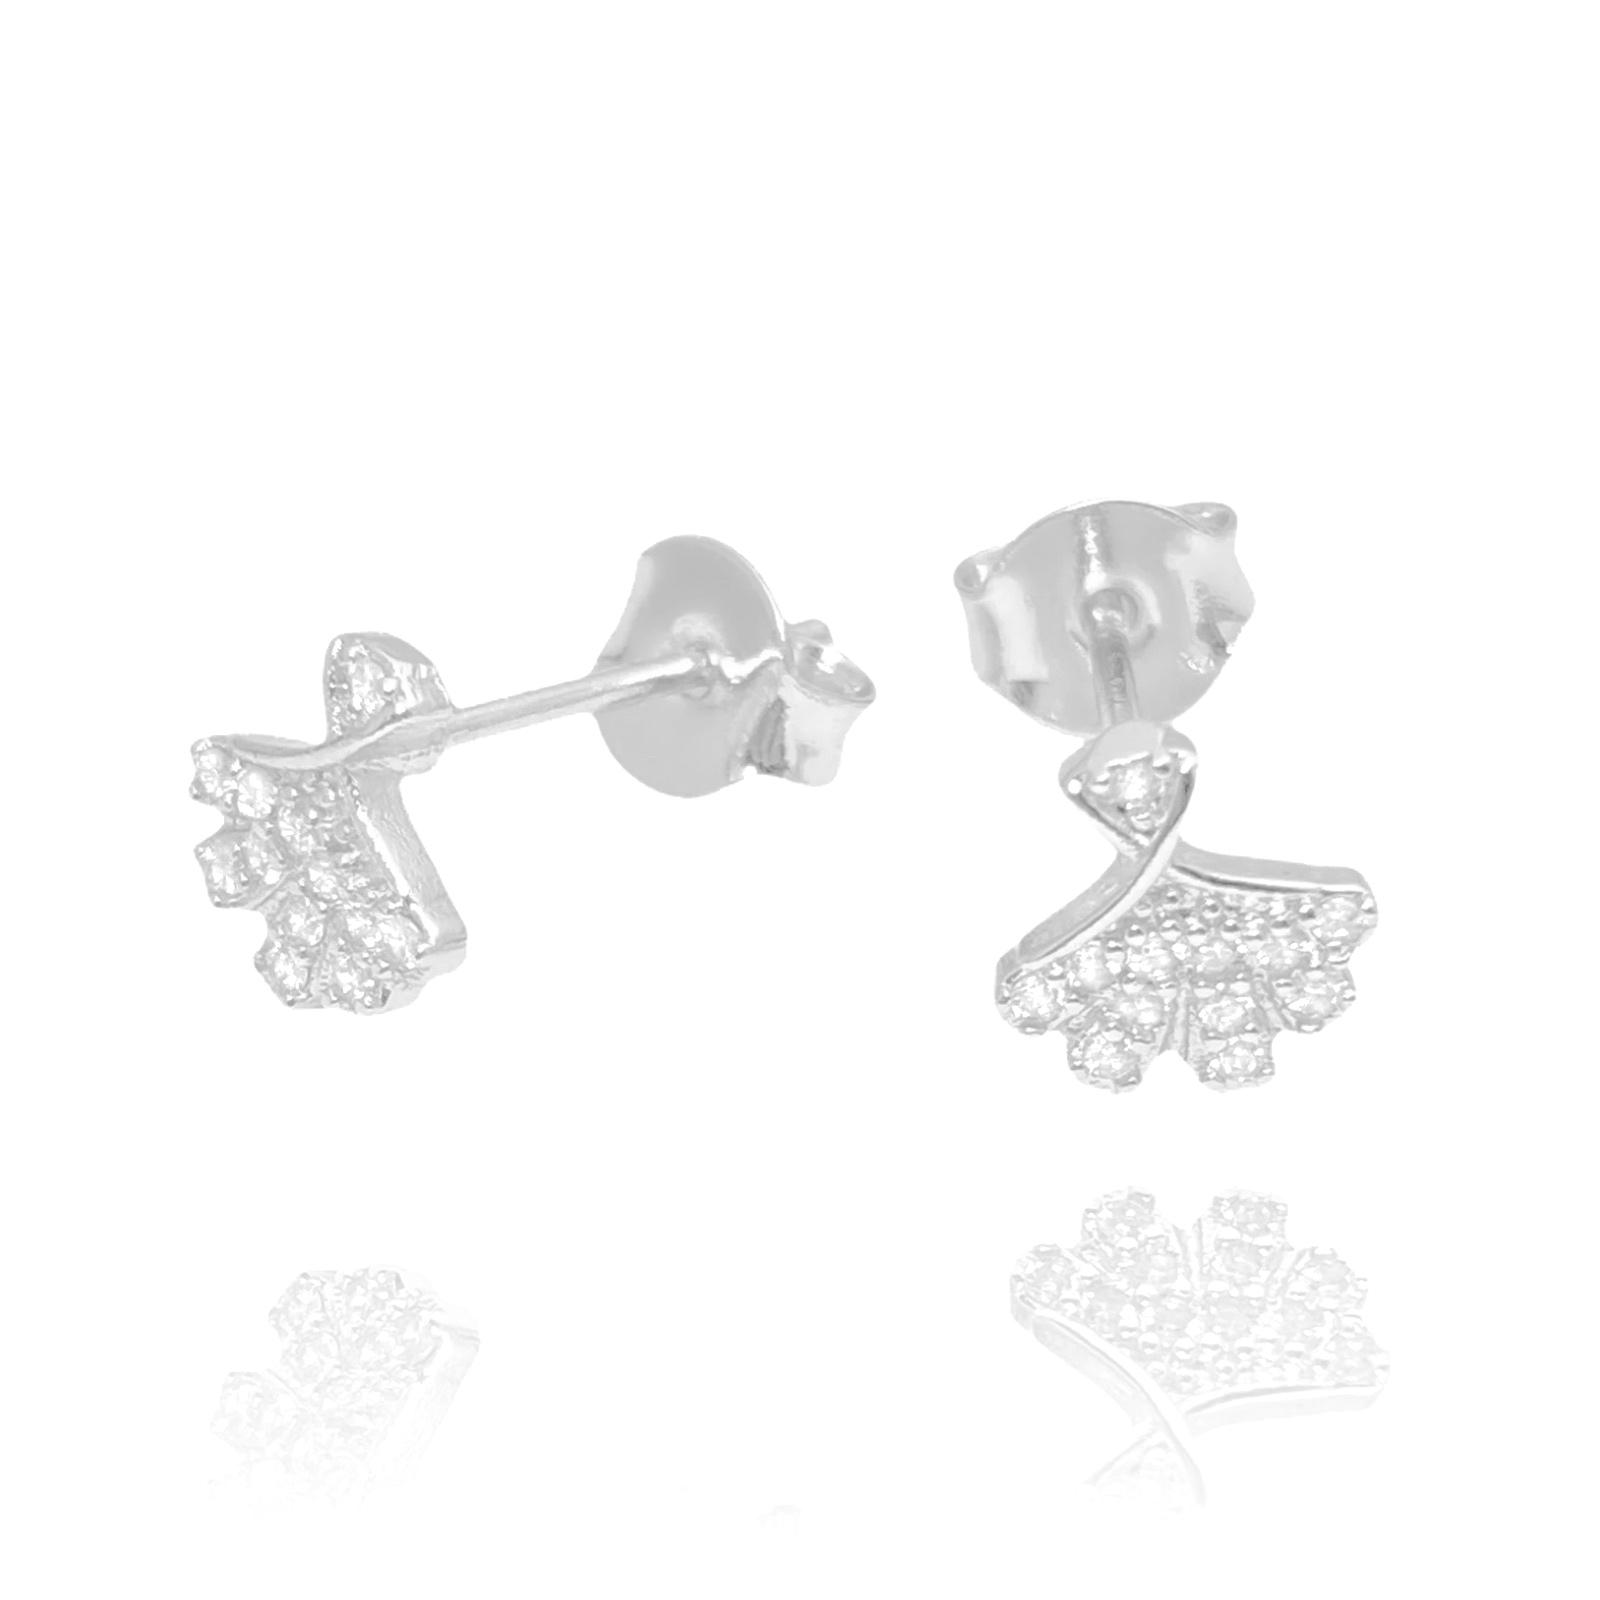 Brincos Leque Mini cravejado em Zircônia (Banho Prata 925)